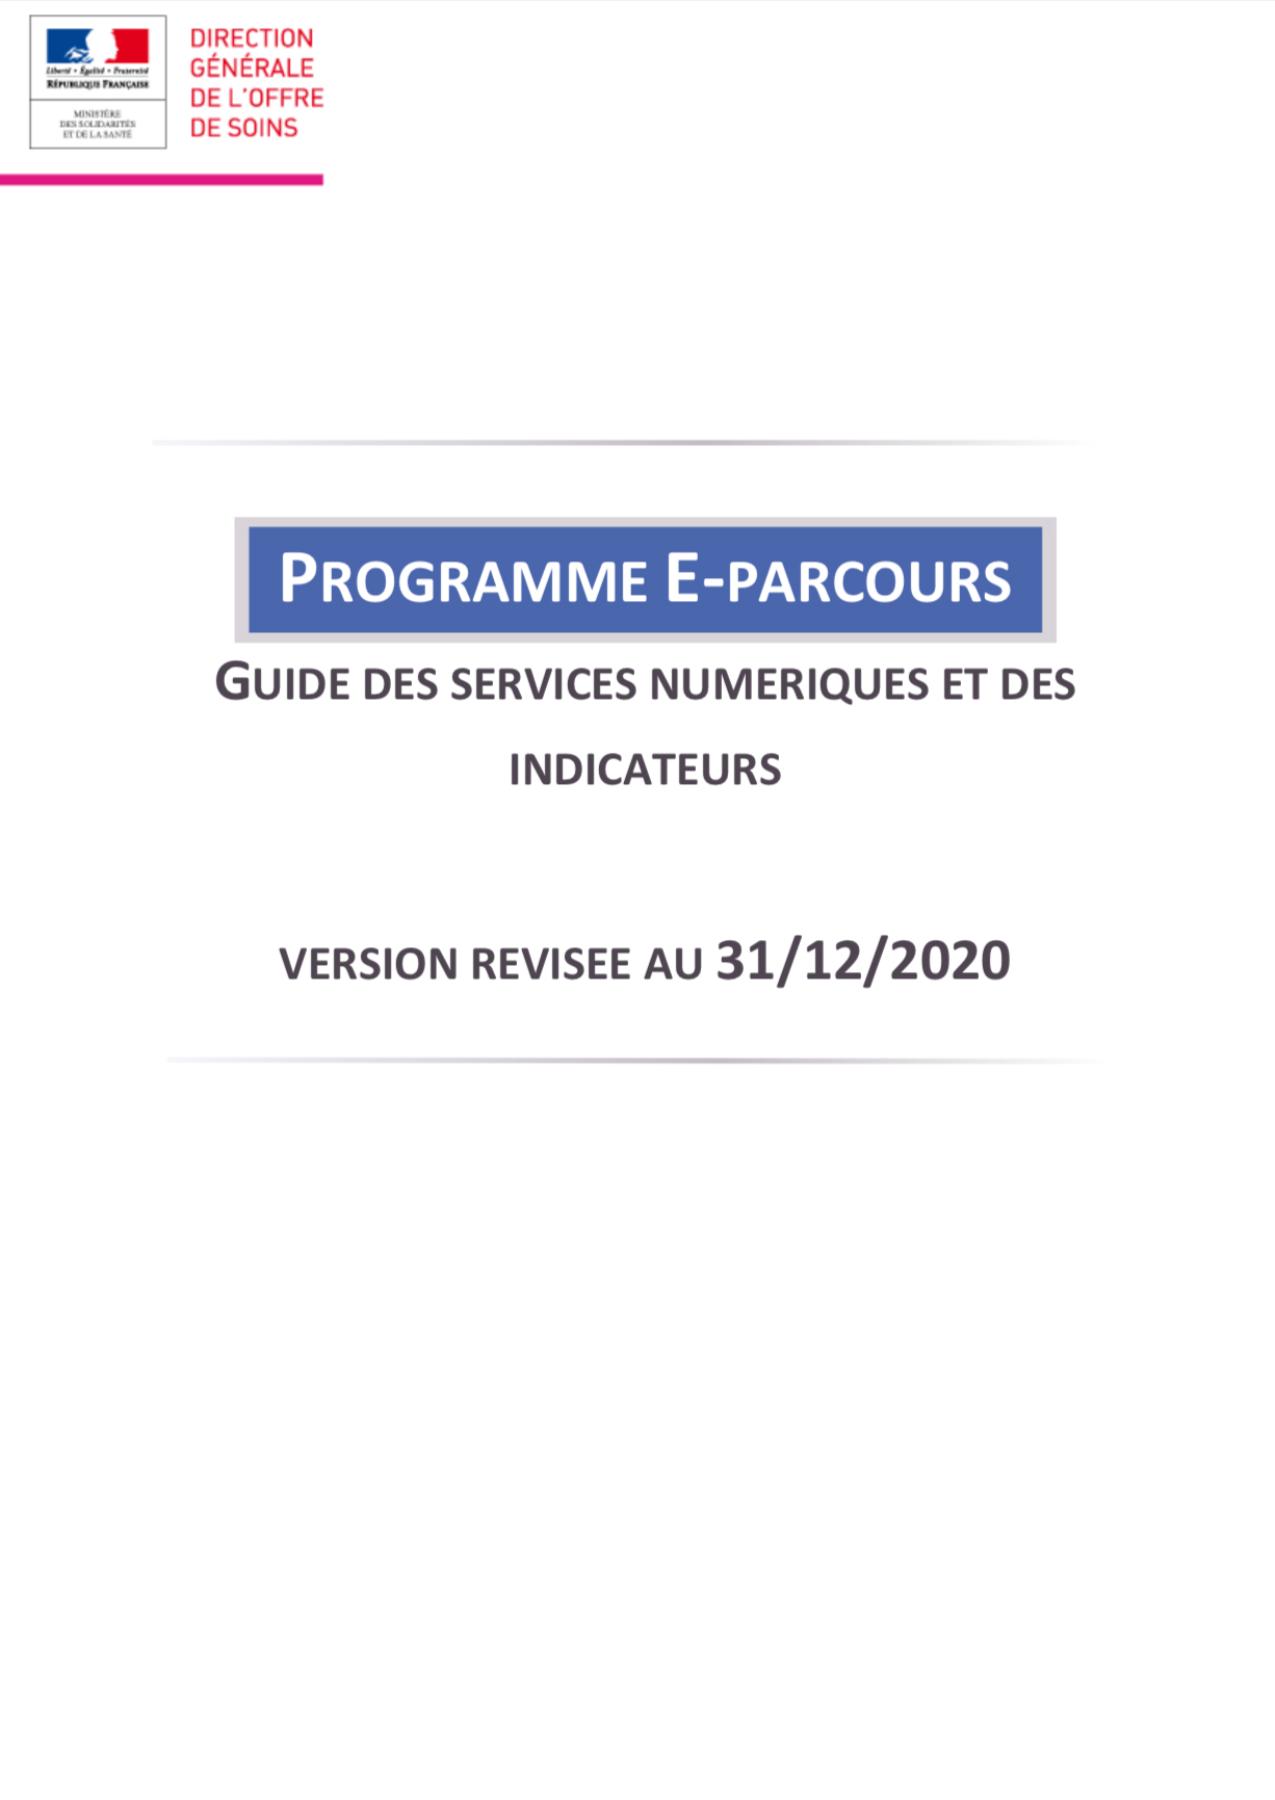 Programme E-Parcours : Guide des services numériques et des indicateurs